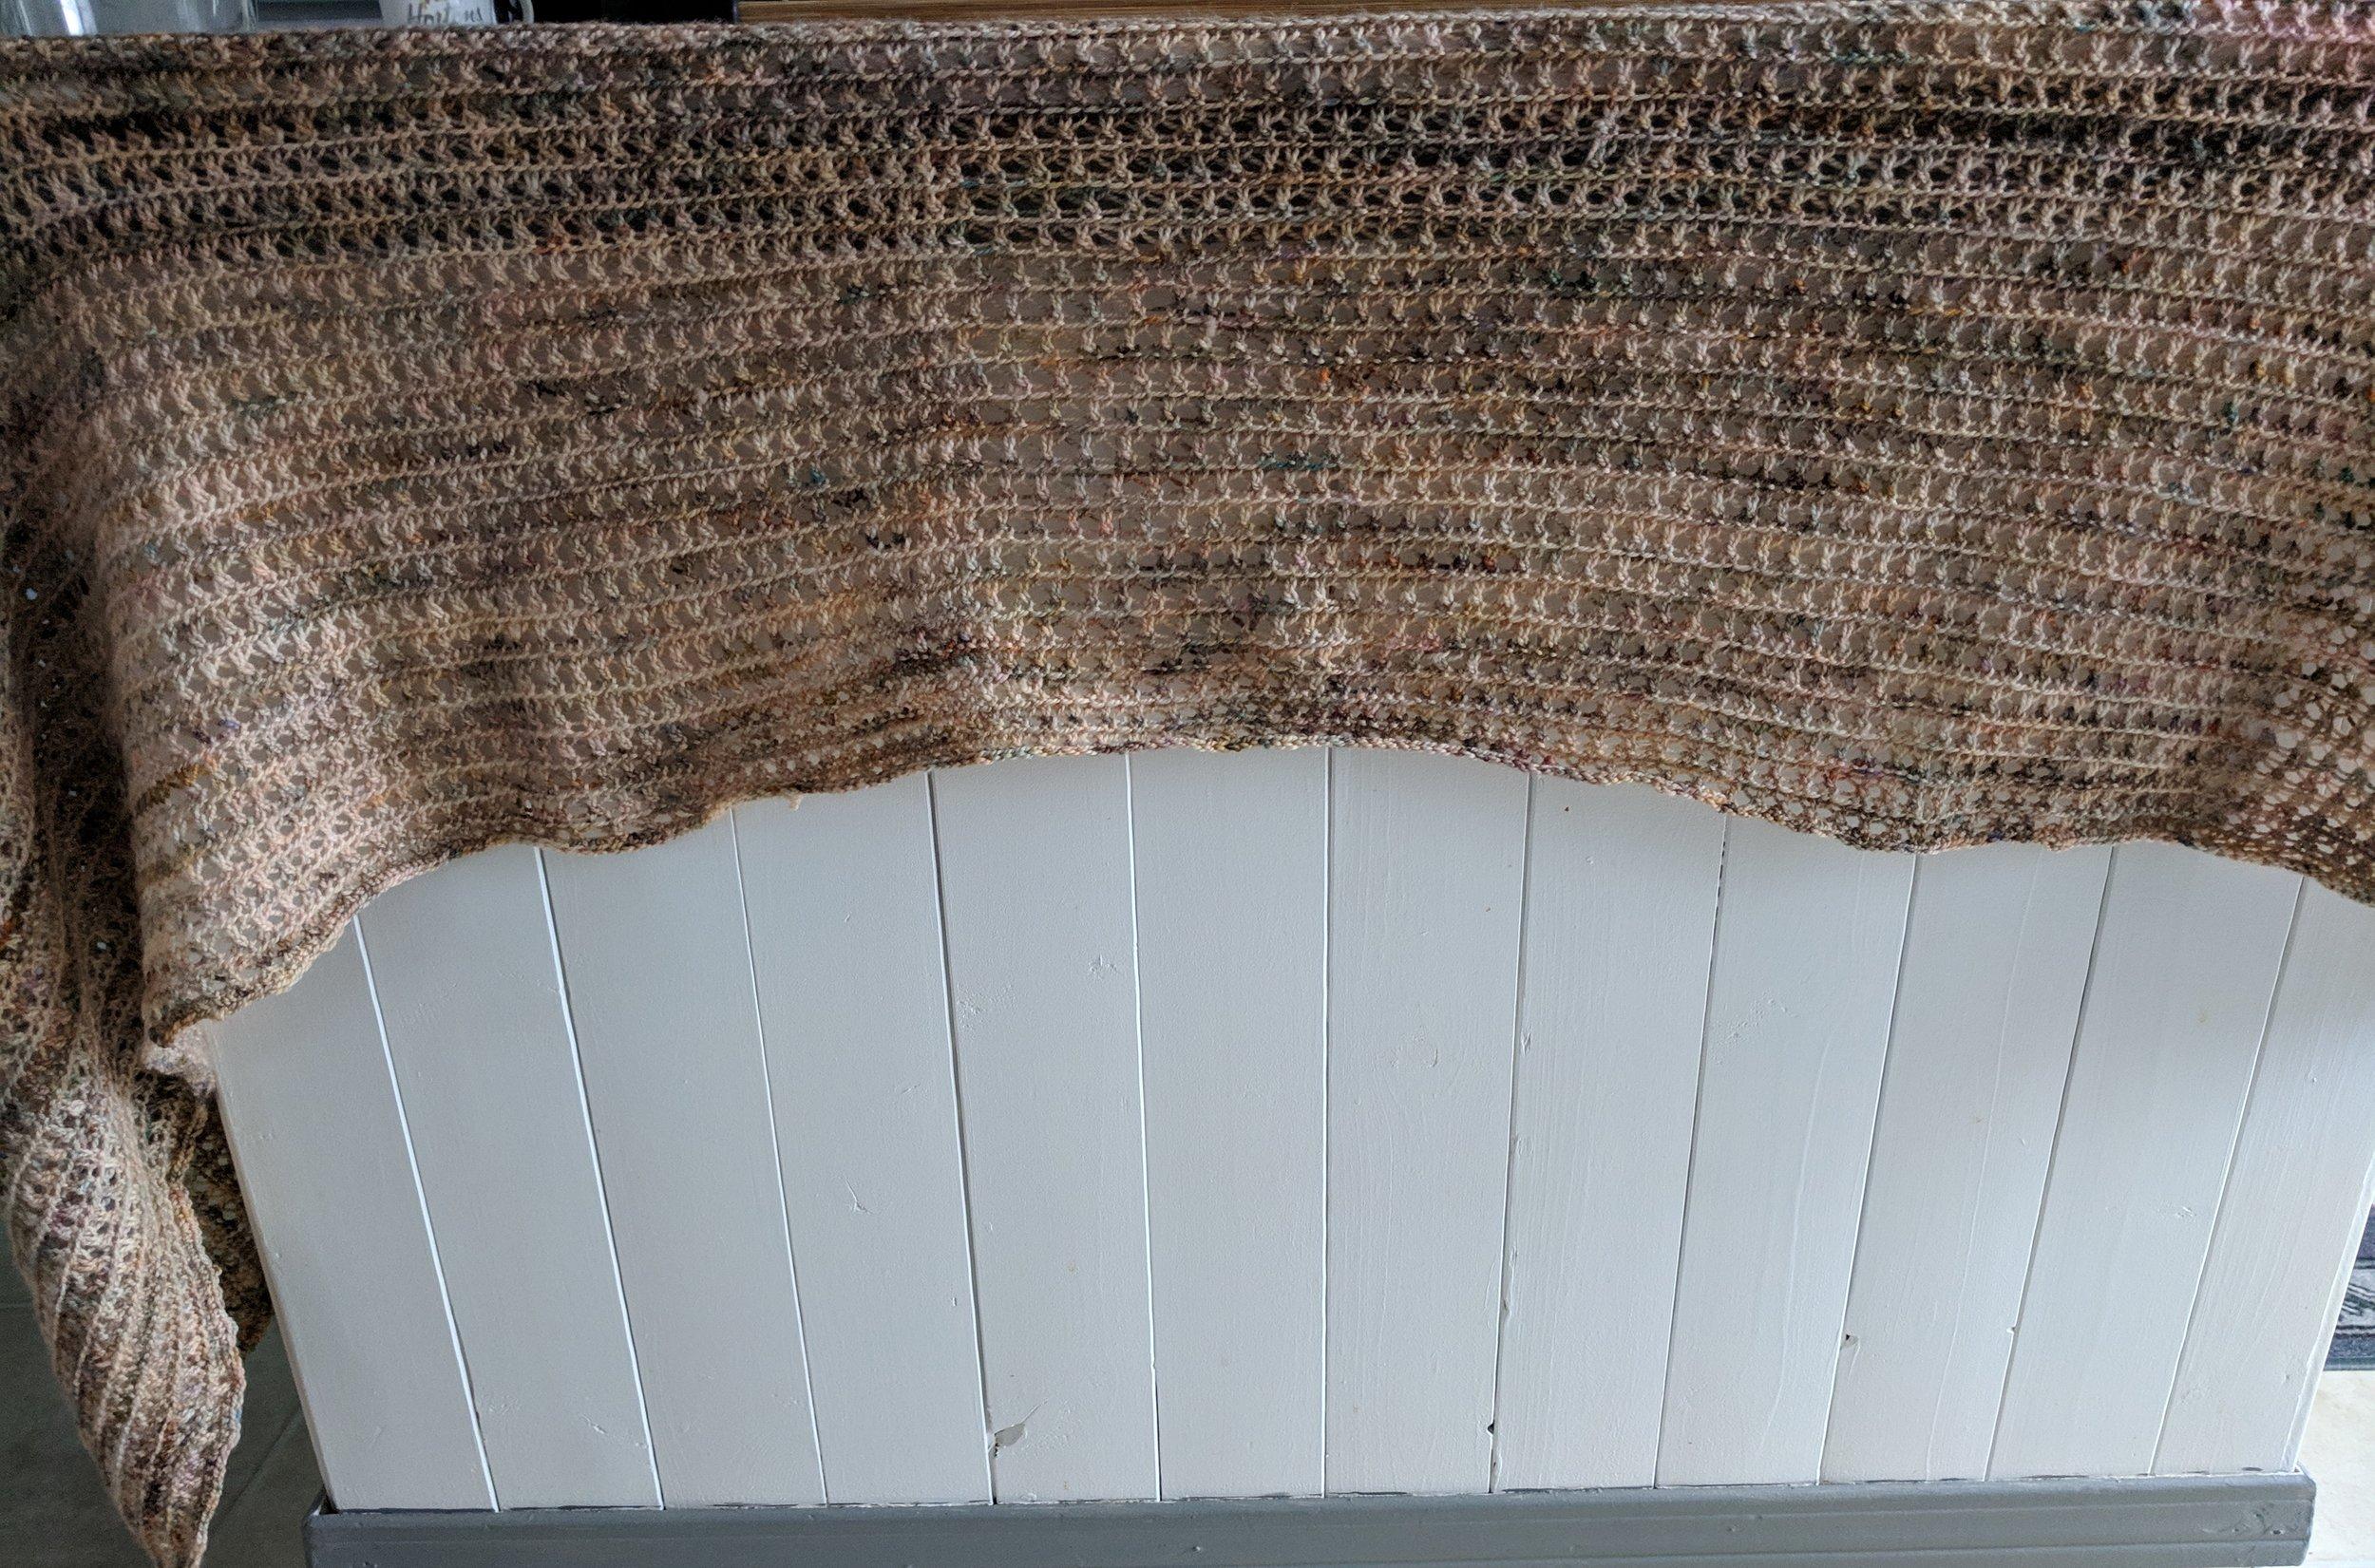 Martha - Little angel shawl